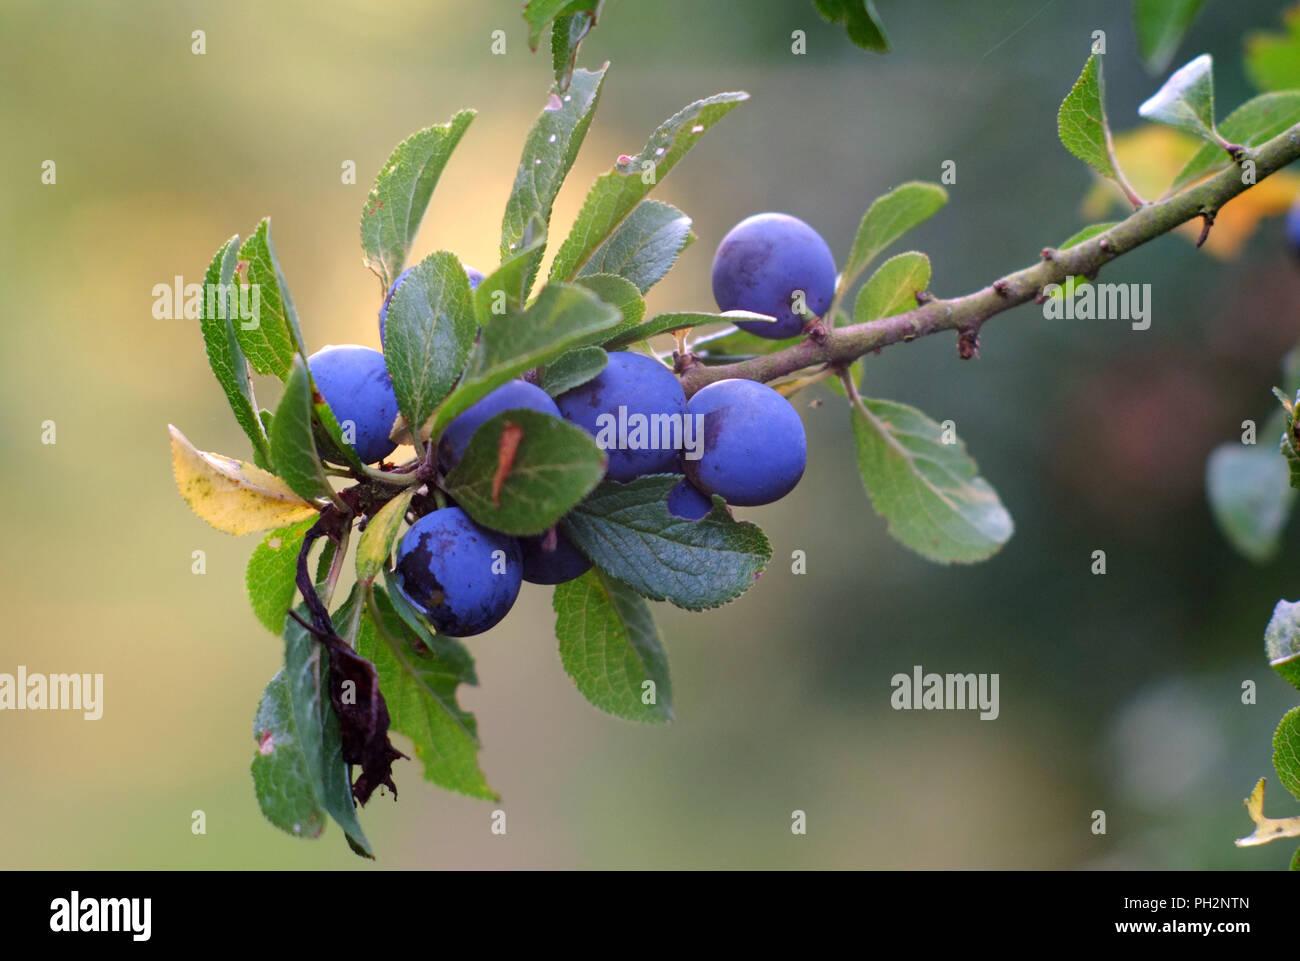 Sloe berries on a blackthorn bush (Prunus spinosa) - Stock Image